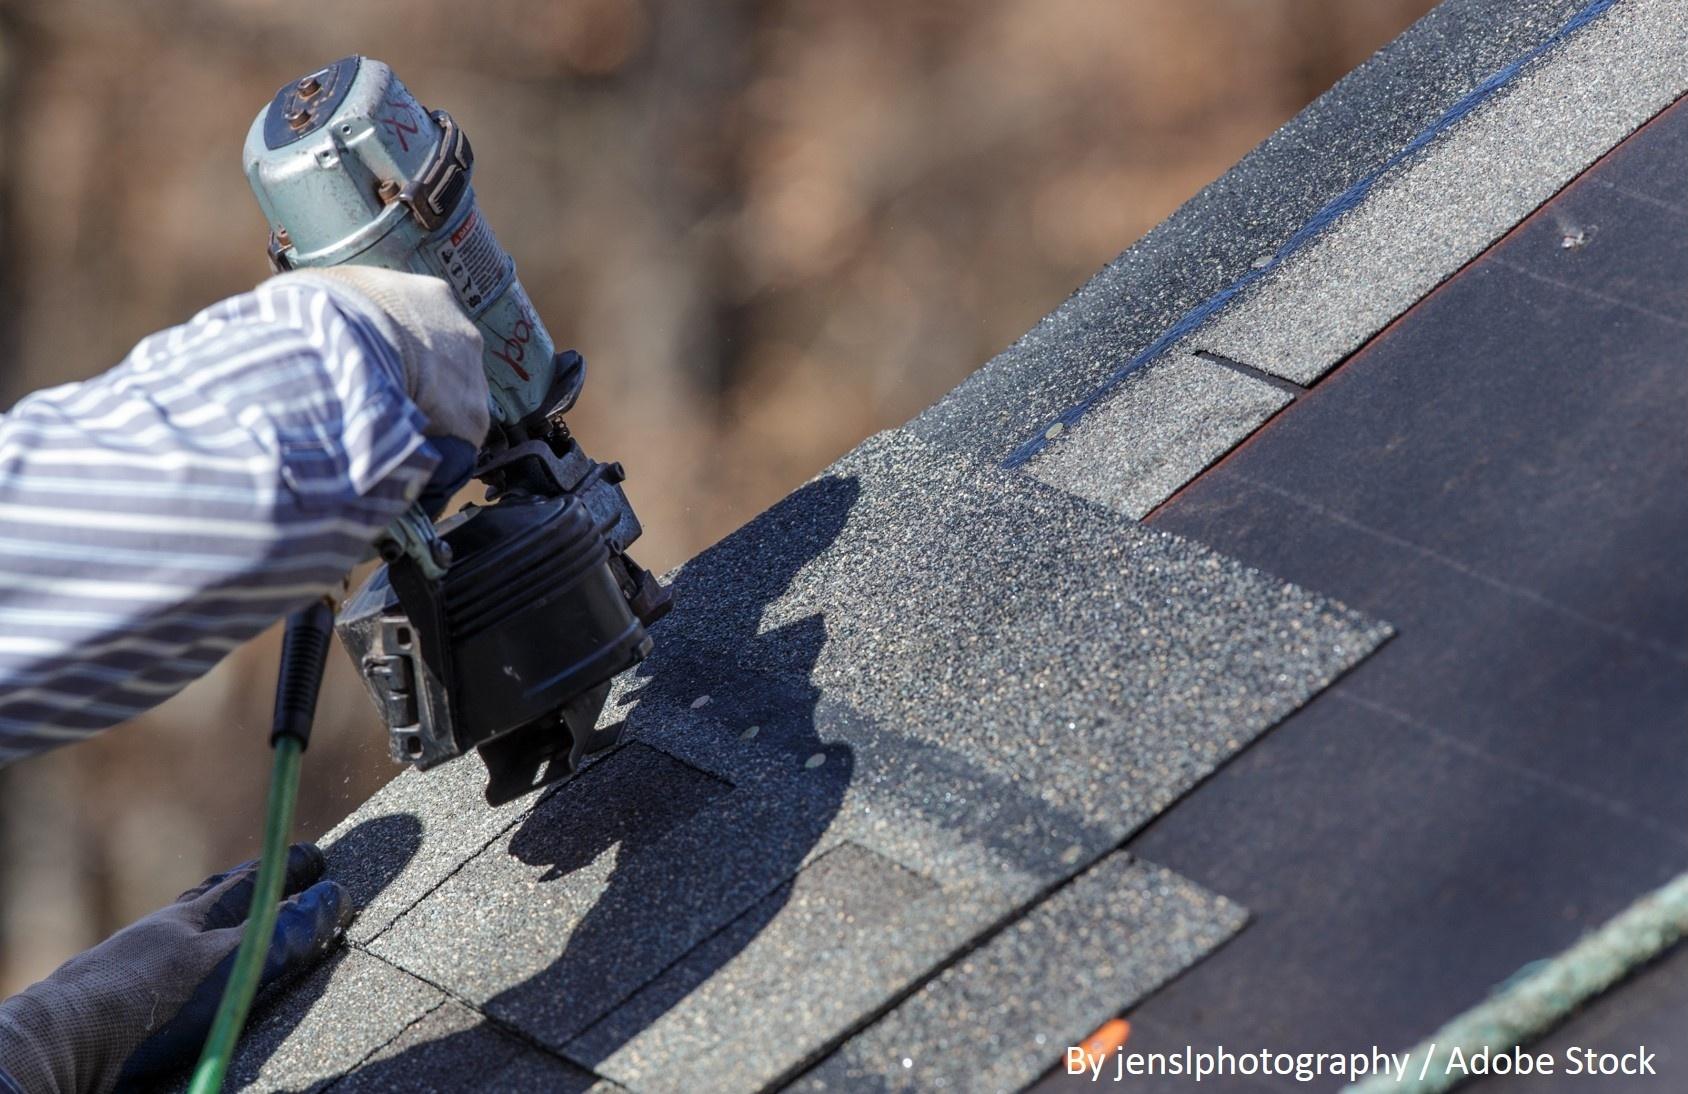 RoofRepair-1-039816-edited.jpg